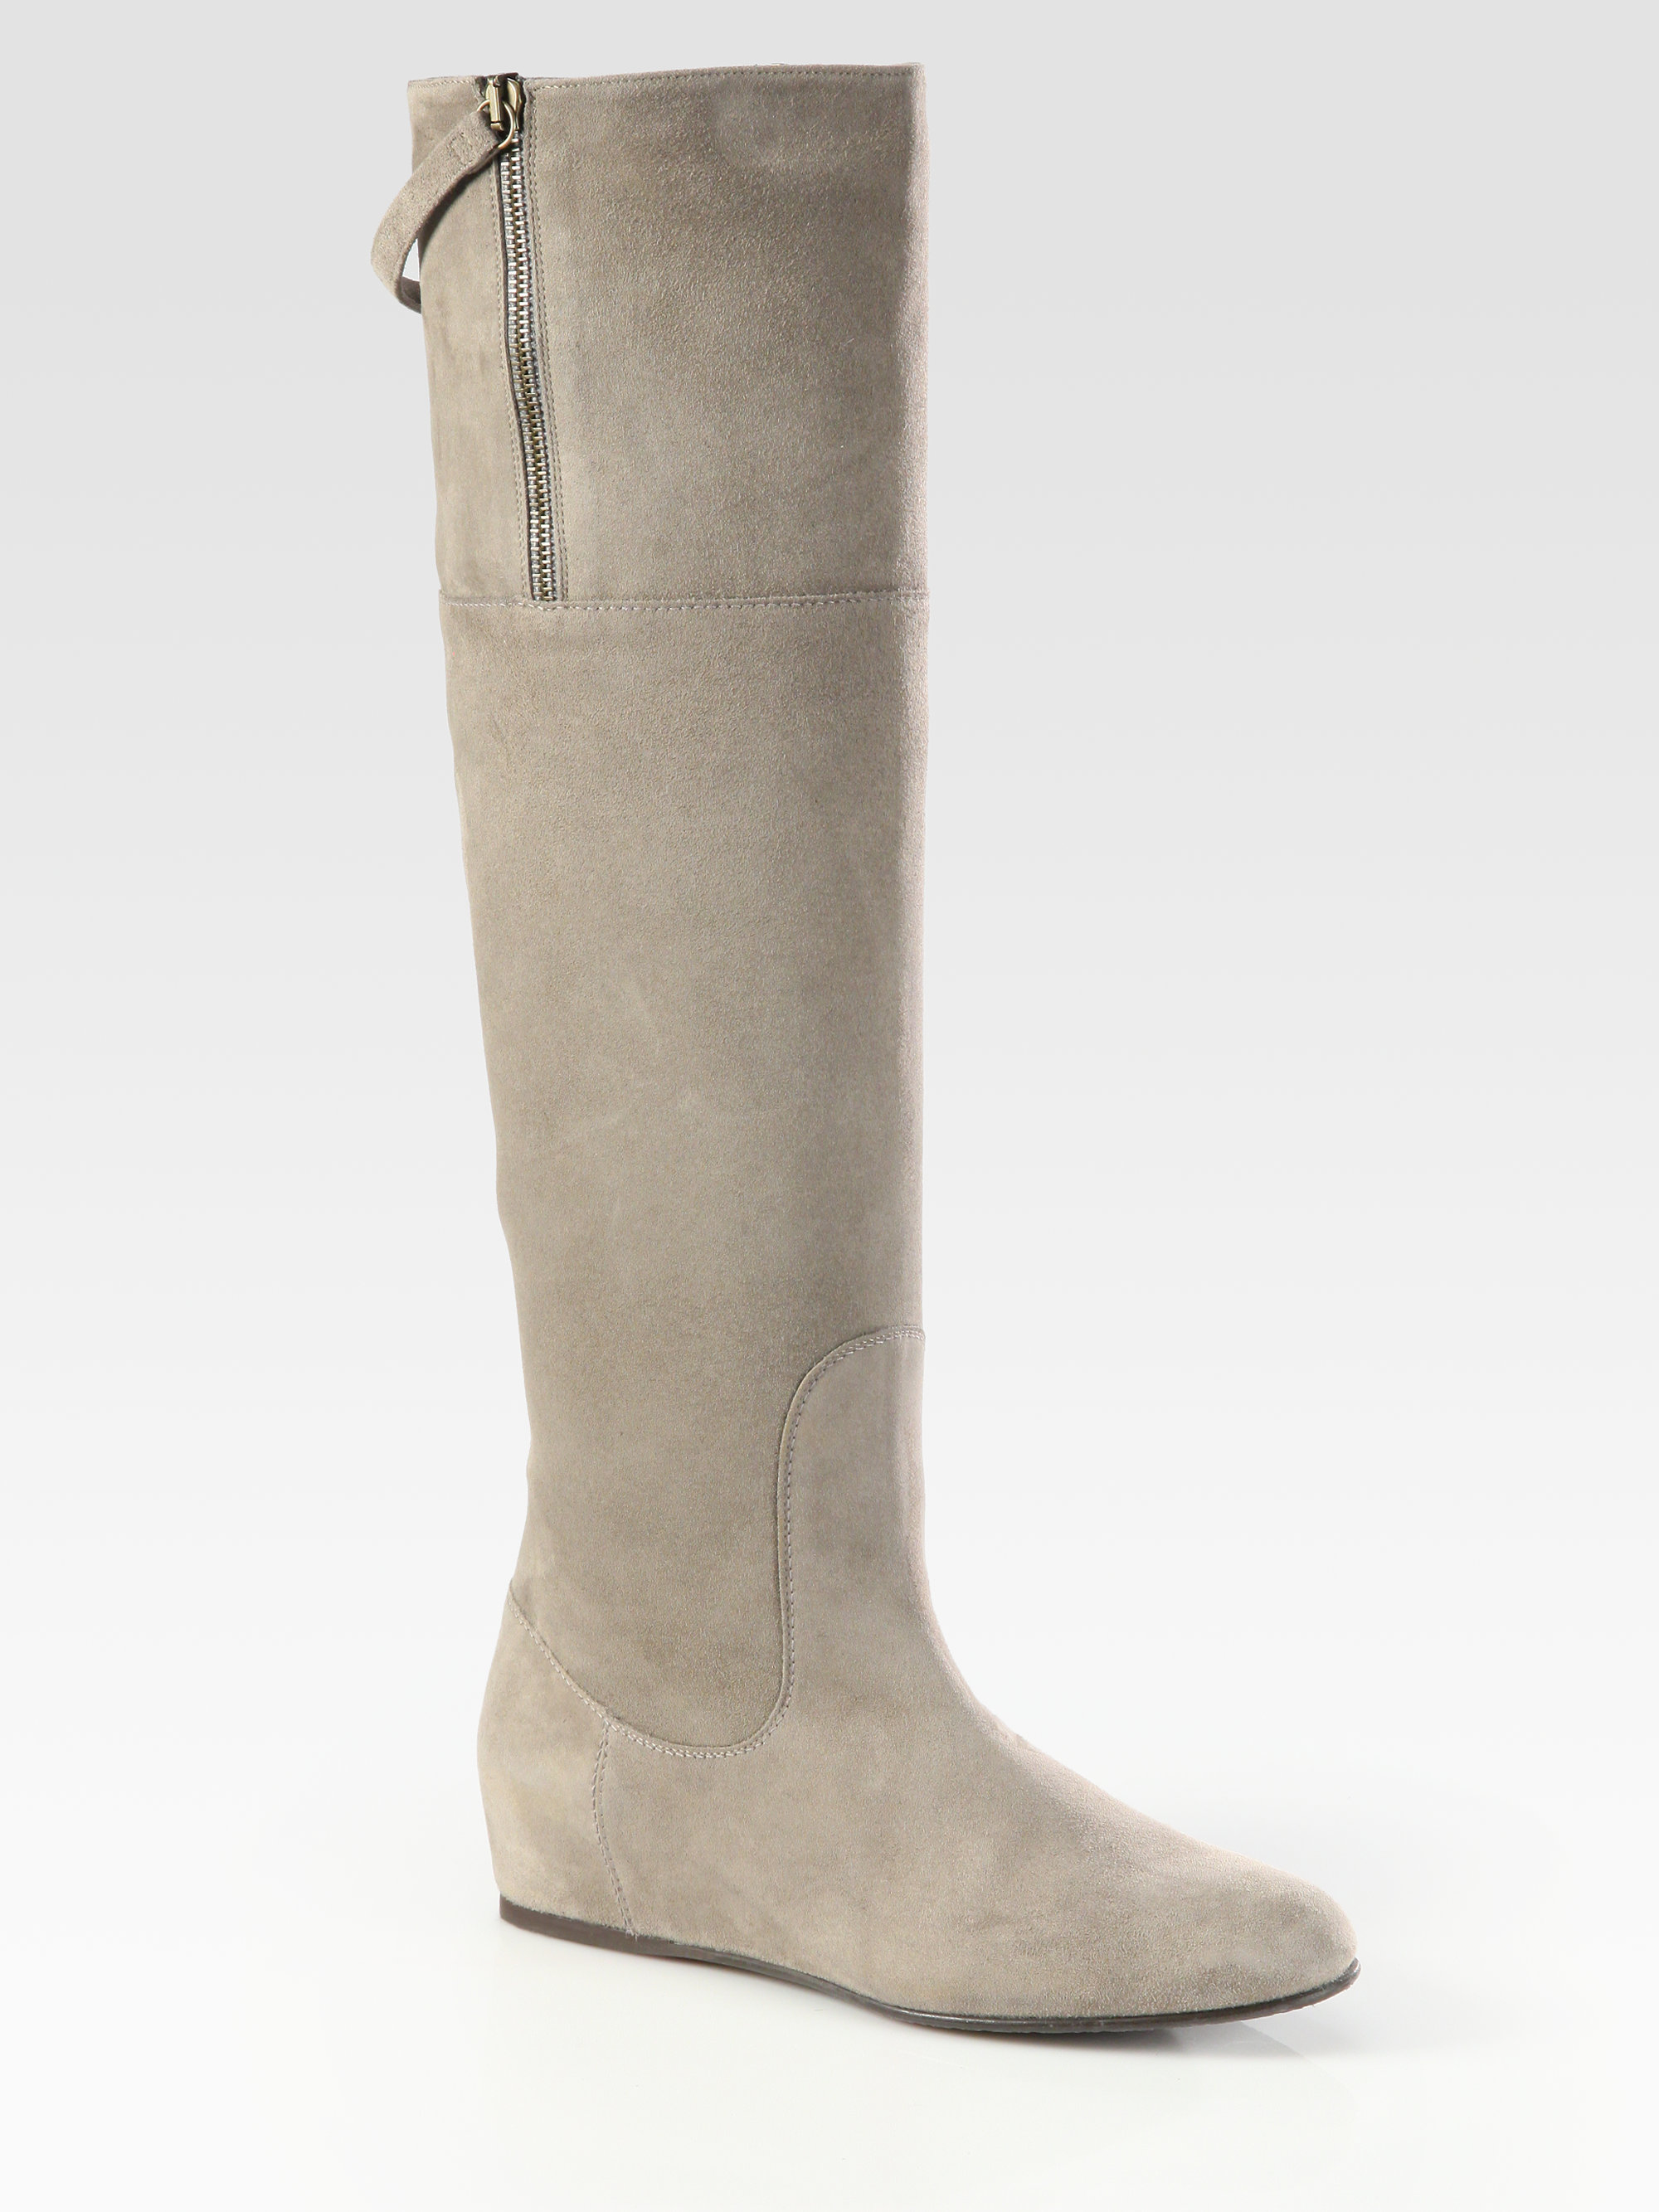 Stuart weitzman Upbeat Suede Kneehigh Flat Boots in Gray | Lyst